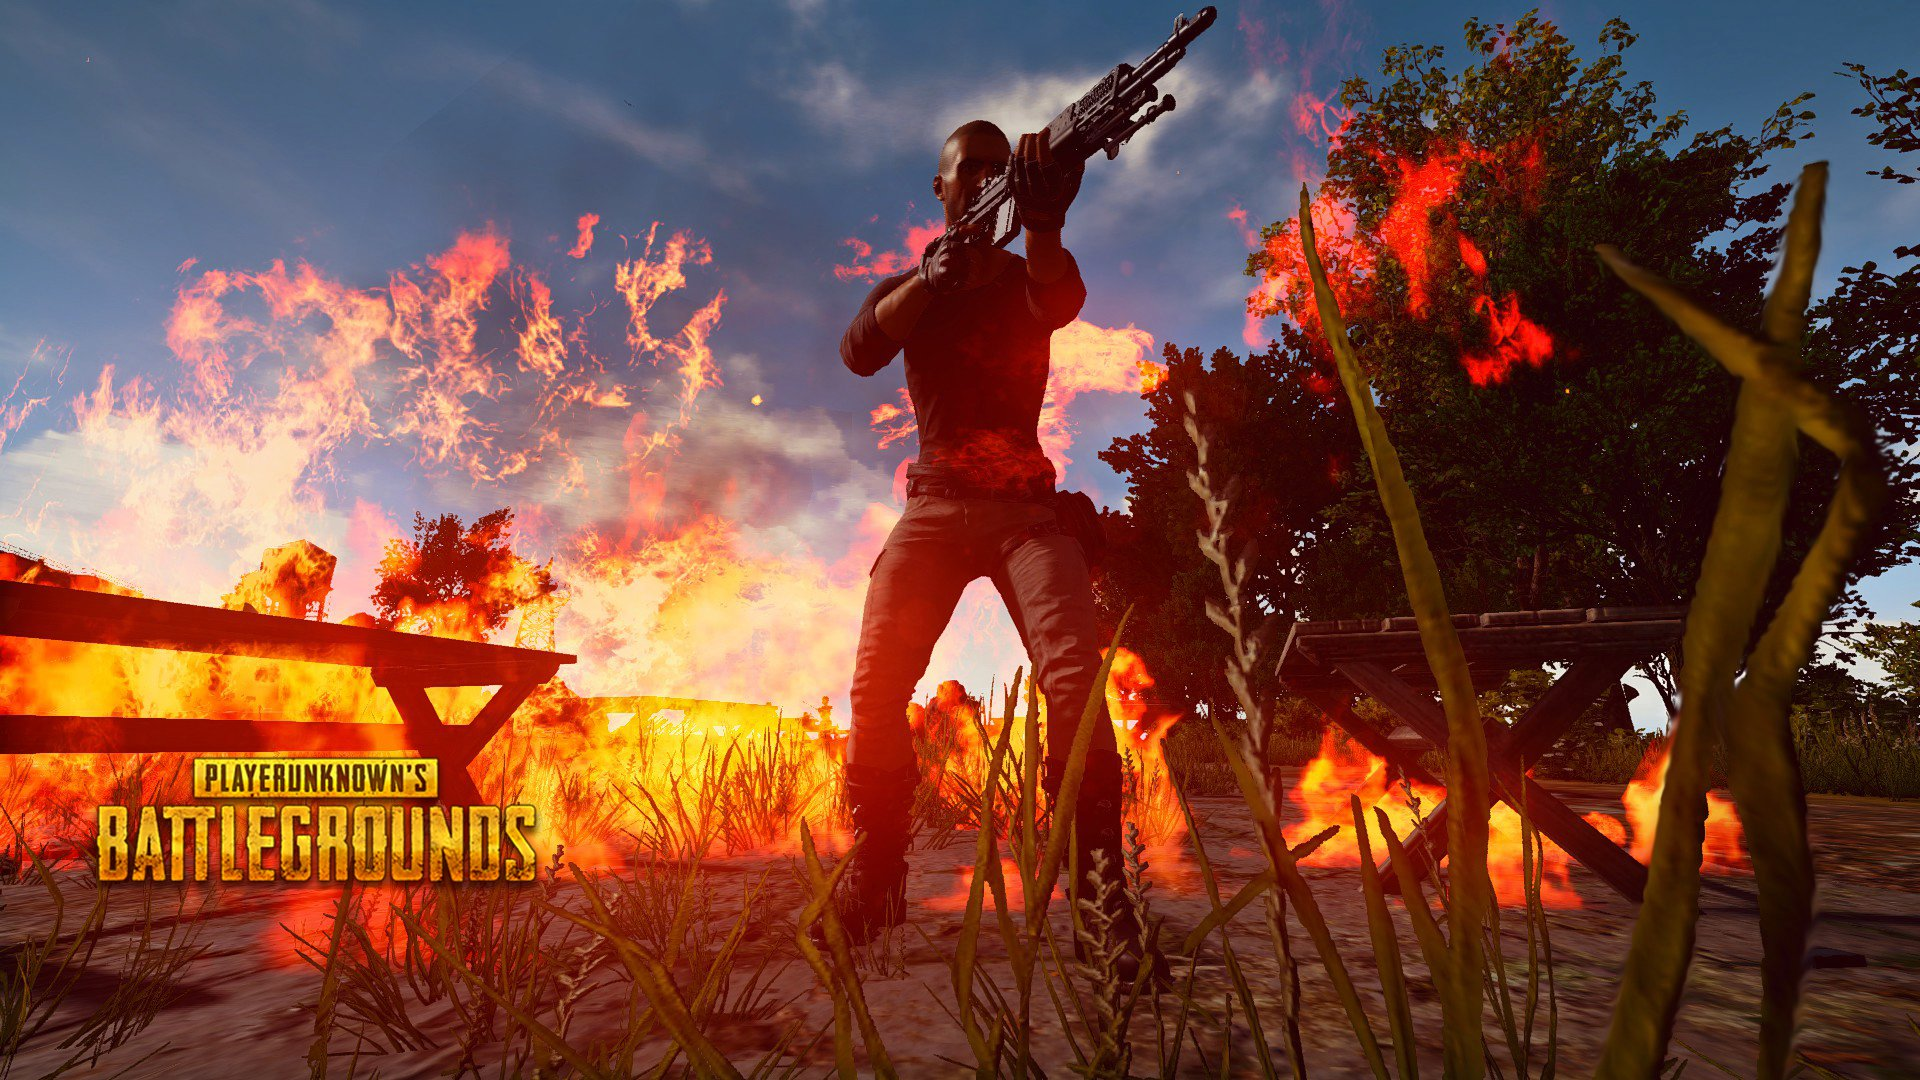 playerunknowns battlegrounds latest wallpaper